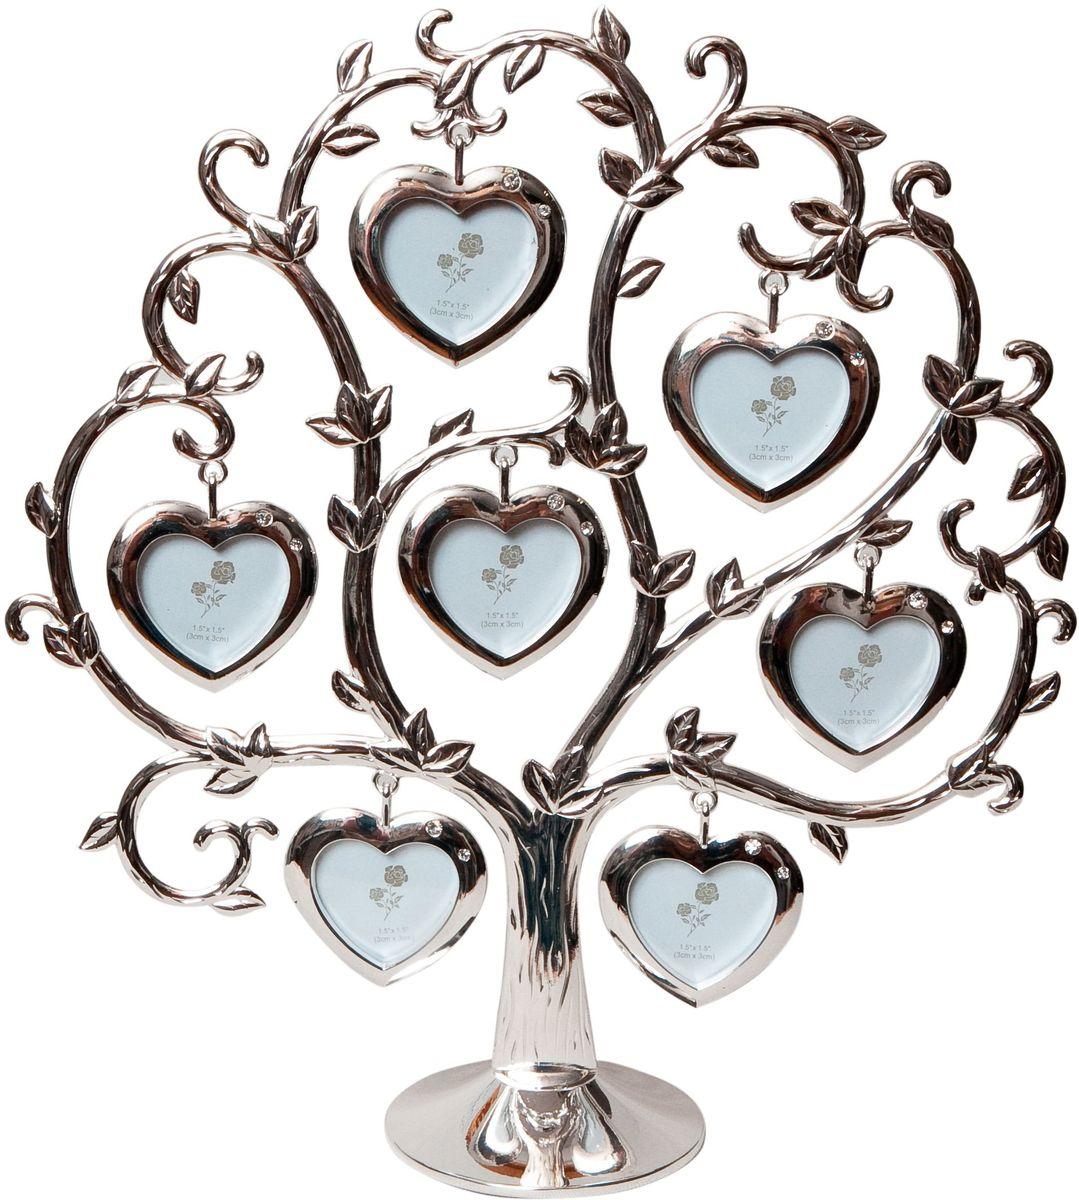 Фоторамка Platinum Дерево. Сердца, цвет: светло-серый, на 7 фото, 4 x 4 см. PF9460CS7 фоторамок на дереве PF9460CSДекоративная фоторамка Platinum Дерево. Сердца выполнена из металла. На подставку в виде деревца подвешиваются семь рамочек в форме сердец, украшенных стразами. Изысканная и эффектная, эта потрясающая рамочка покорит своей красотой и изумительным качеством исполнения. Фоторамка Platinum Дерево. Сердца не только украсит интерьер помещения, но и поможет разместить фото всей вашей семьи. Высота фоторамки: 25 см. Фоторамка подходит для фотографий 4 х 4 см.Общий размер фоторамки: 24 х 5 х 25 см.